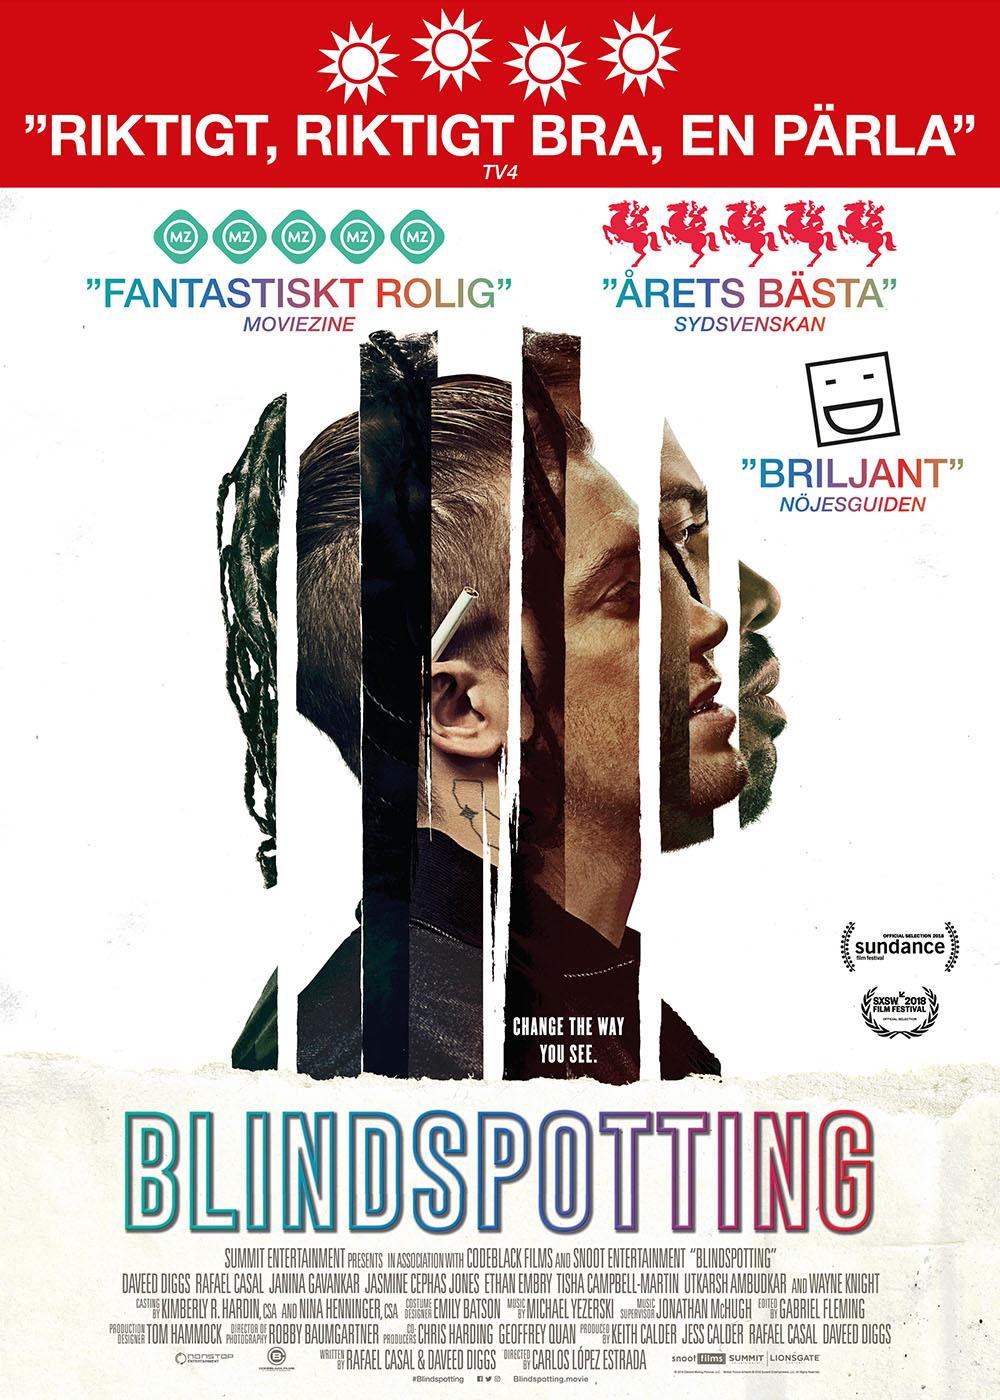 blindspotting_webrec.jpg